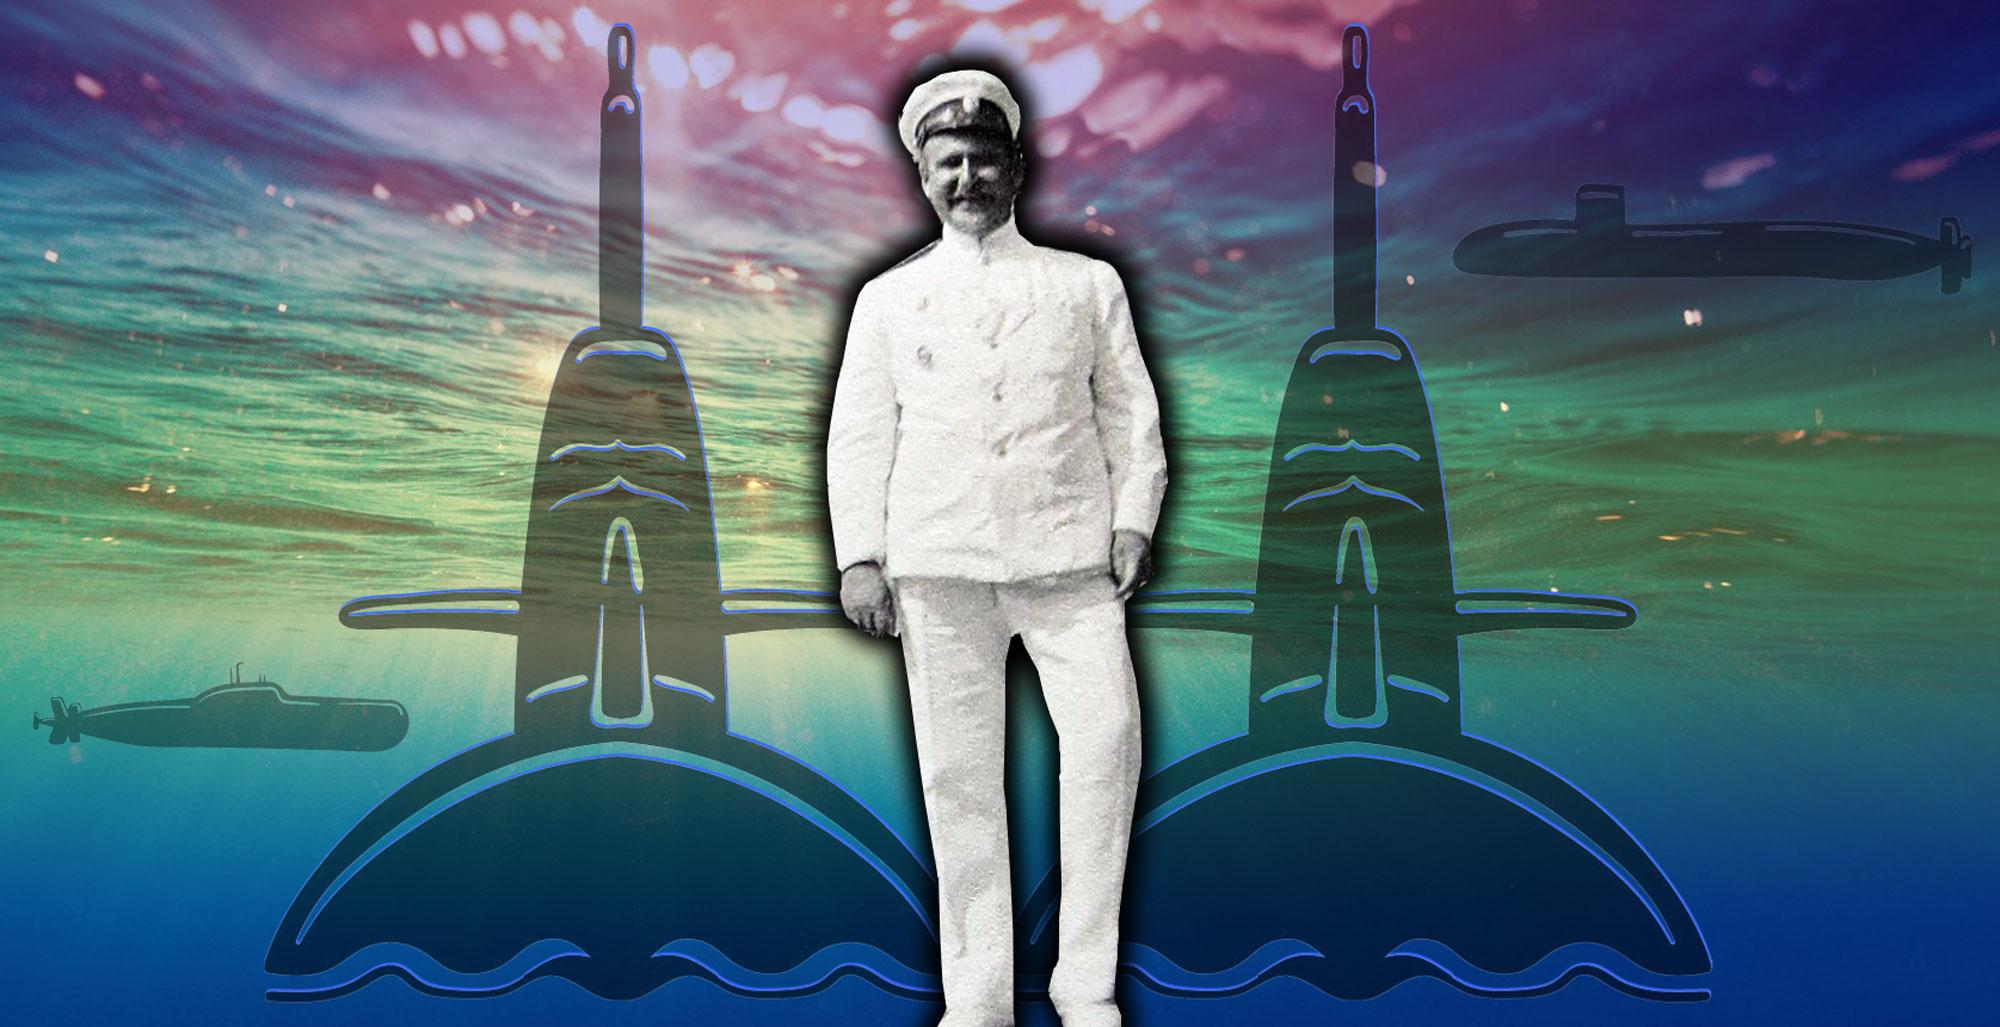 """Гопчицький """"капітан Немо"""" першим пройшов два океани на мінісубмарині"""